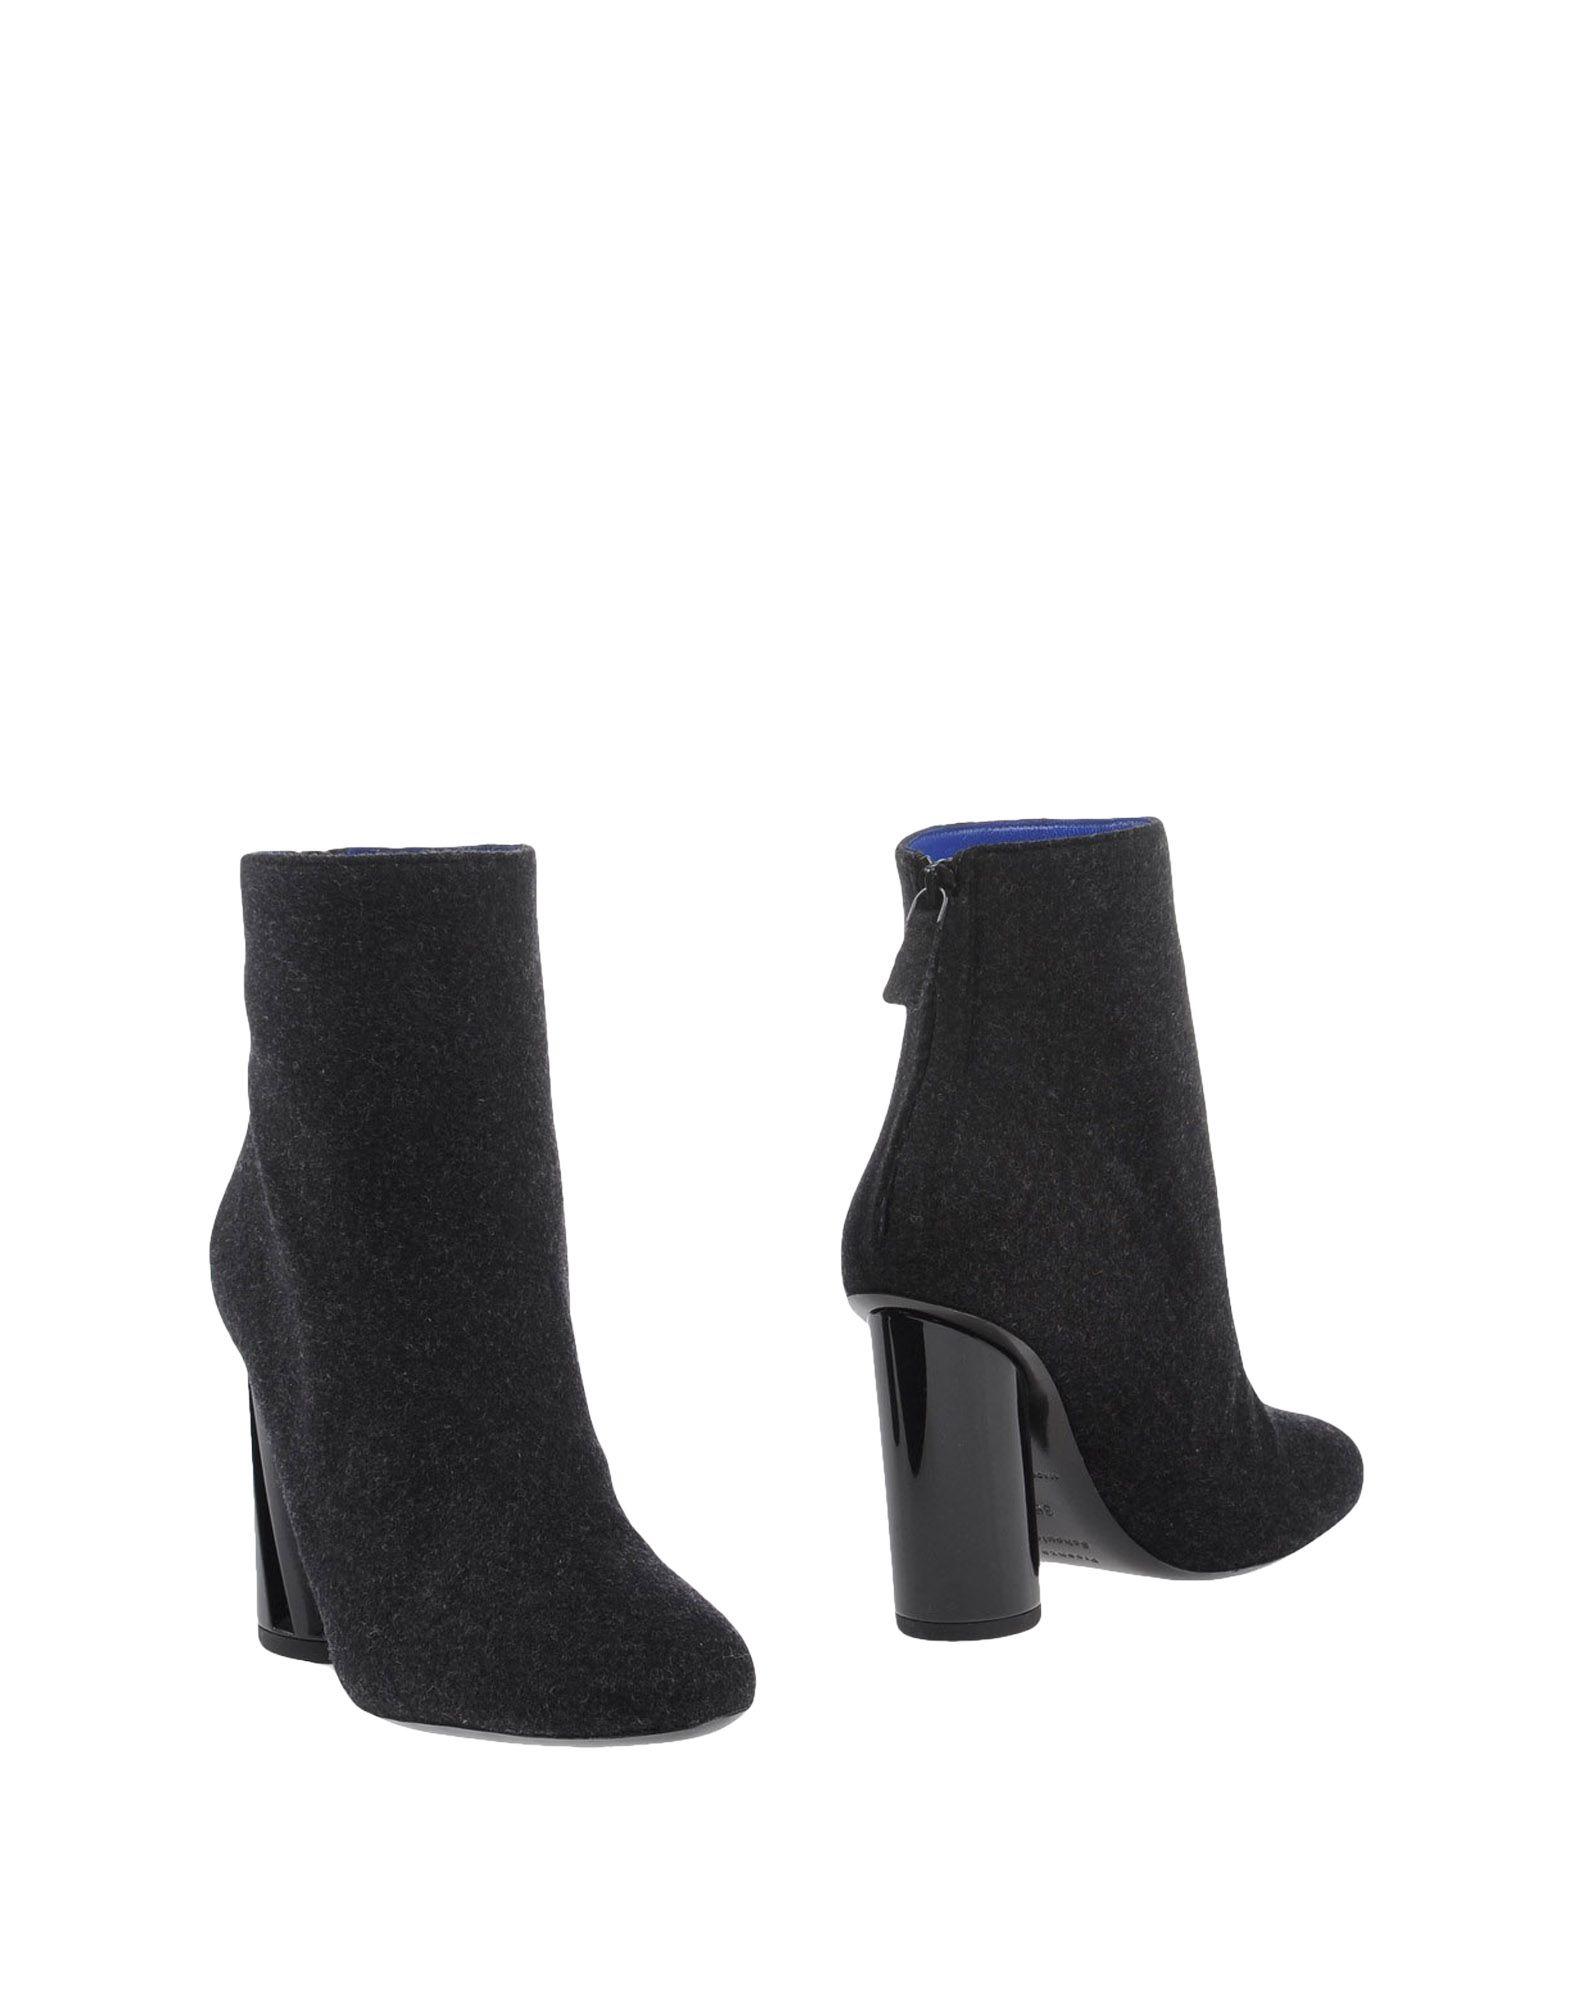 Proenza Schouler Stiefelette Damen aussehende  11081819CQGünstige gut aussehende Damen Schuhe 5779bf